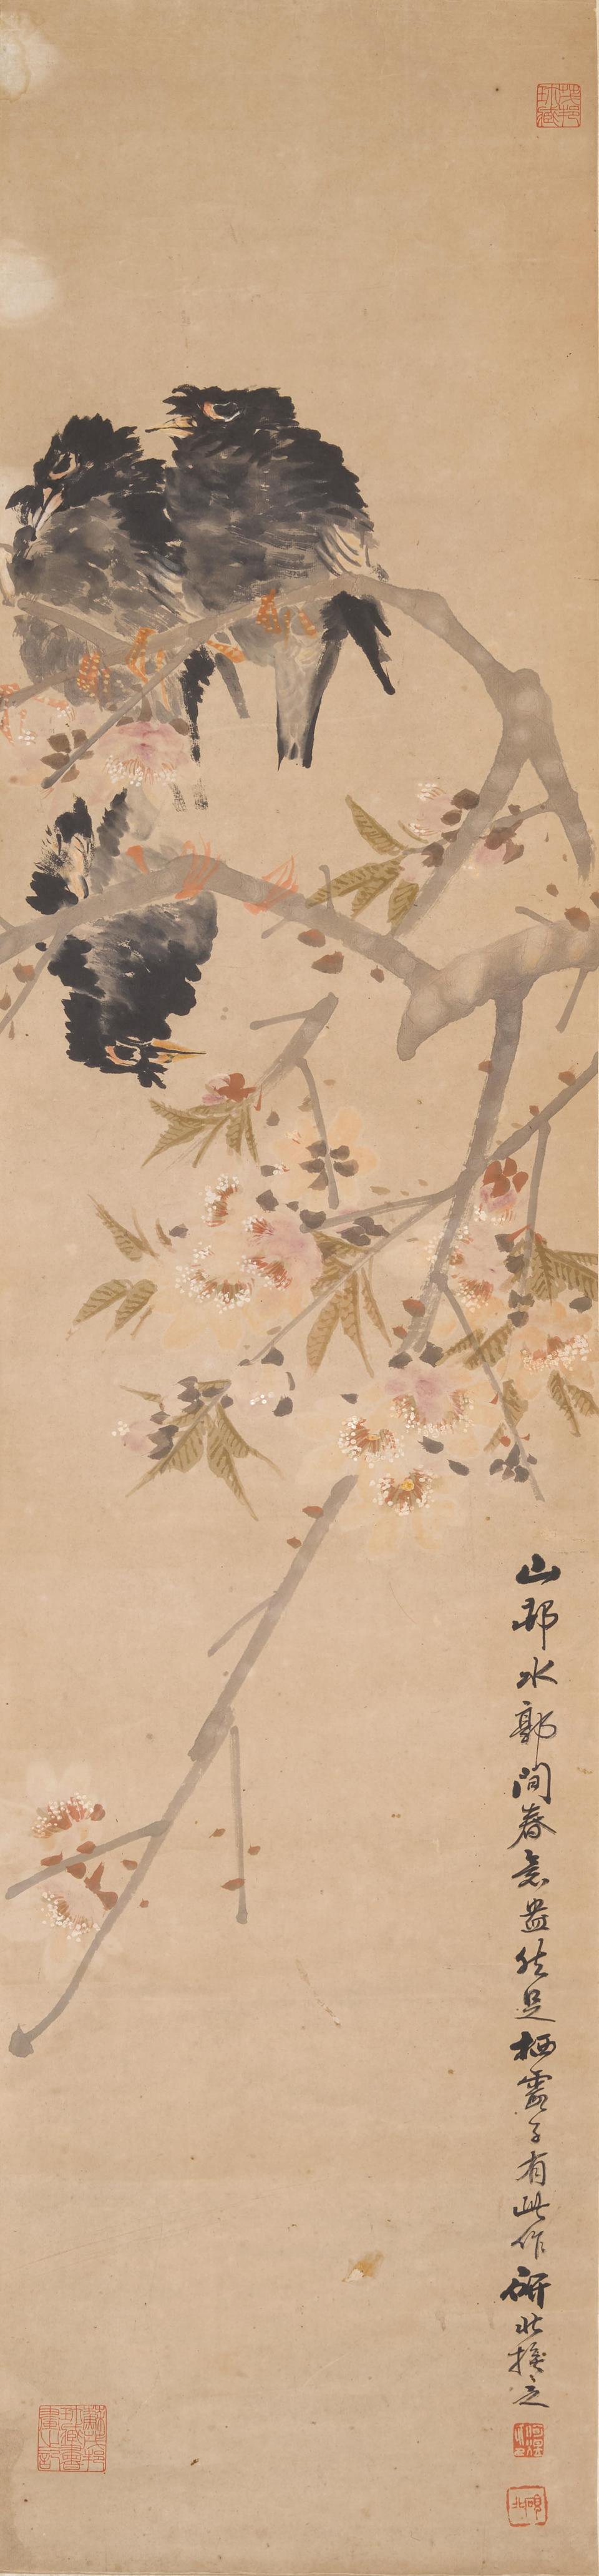 He Yanbei (1852-1928)  Bird, Goldfish, Squirrel, and Flower